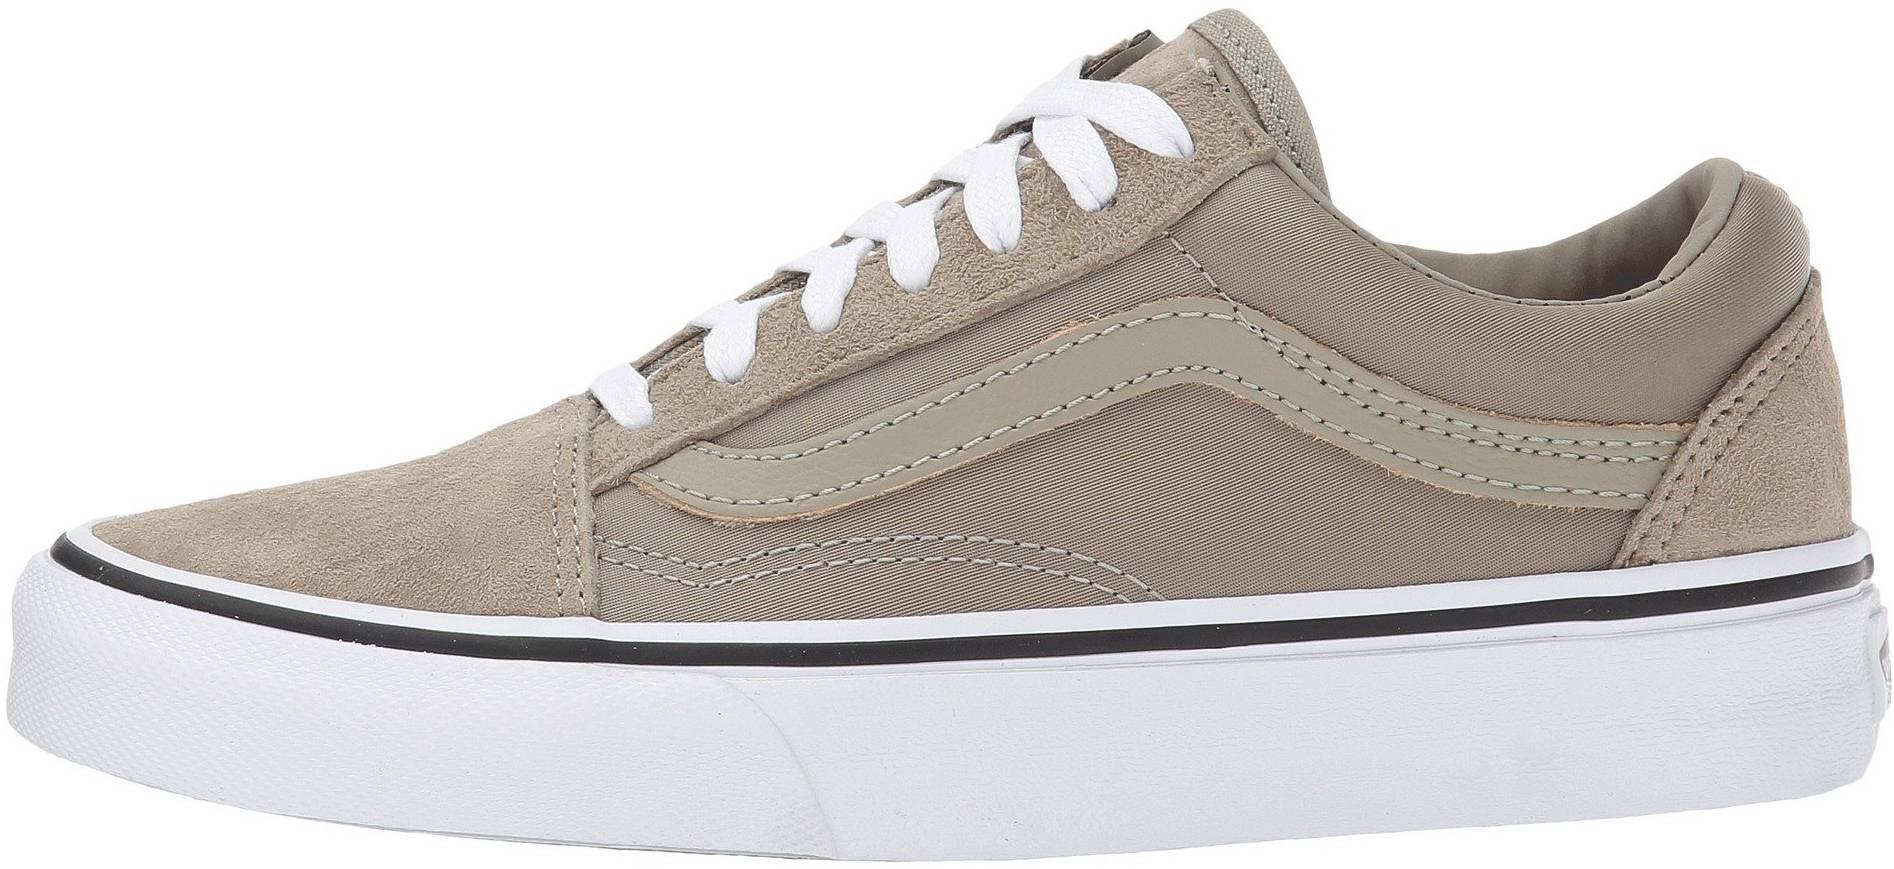 Vans Boom Boom Old Skool sneakers   RunRepeat